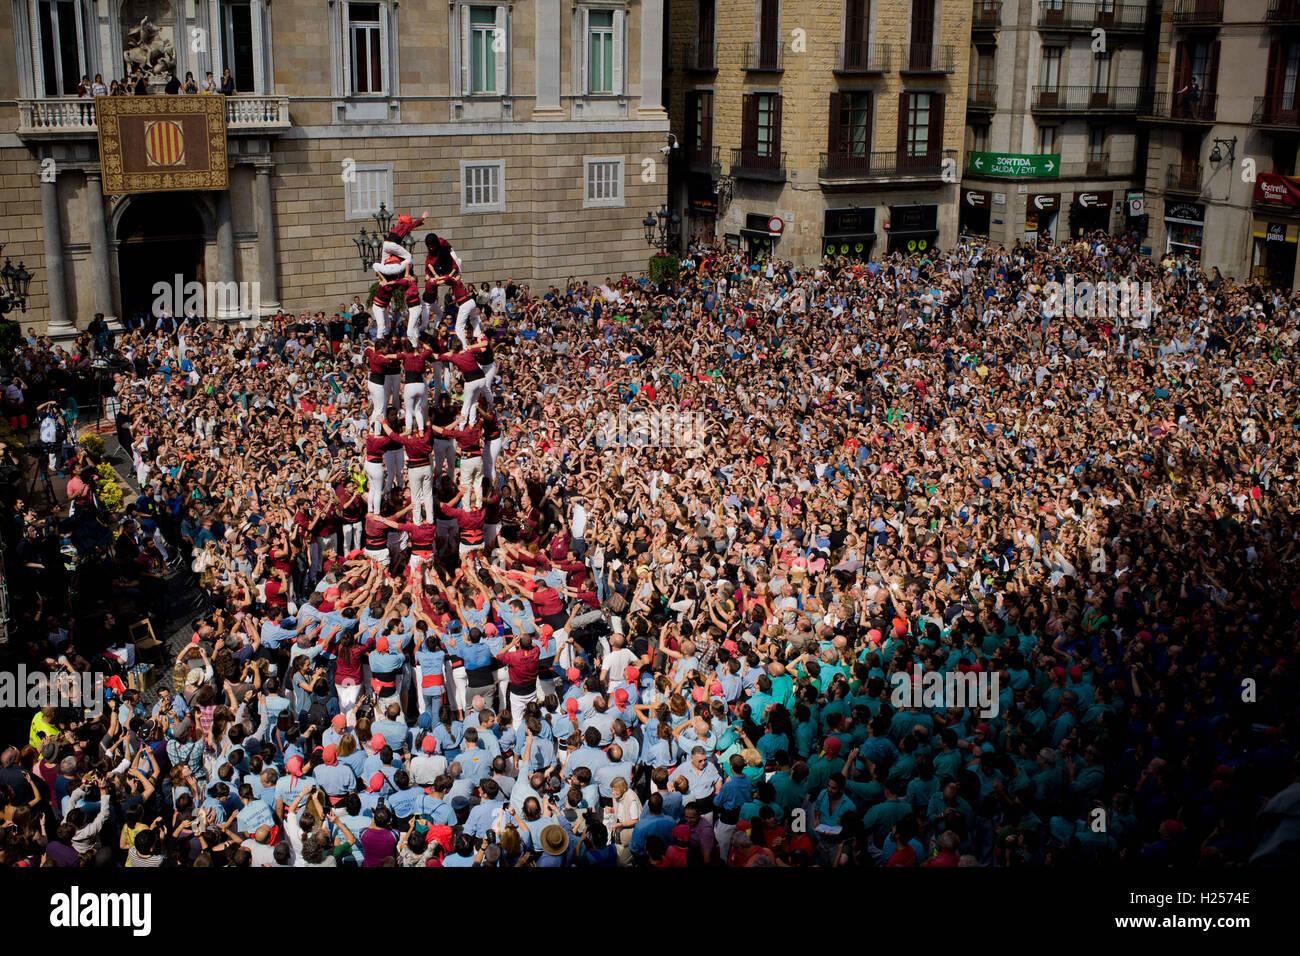 Barcellona, in Catalogna, Spagna. 24Sep, 2016. Una torre umana (castell in catalano) è costruito in Barcellona. Per la Merce Festival (Festes de la Merce) è stato tenuto il tradizionale Jornada Castellera (Torri Umane giorno) nella piazza del municipio di Barcellona. Credito: Jordi Boixareu/ZUMA filo/Alamy Live News Foto Stock